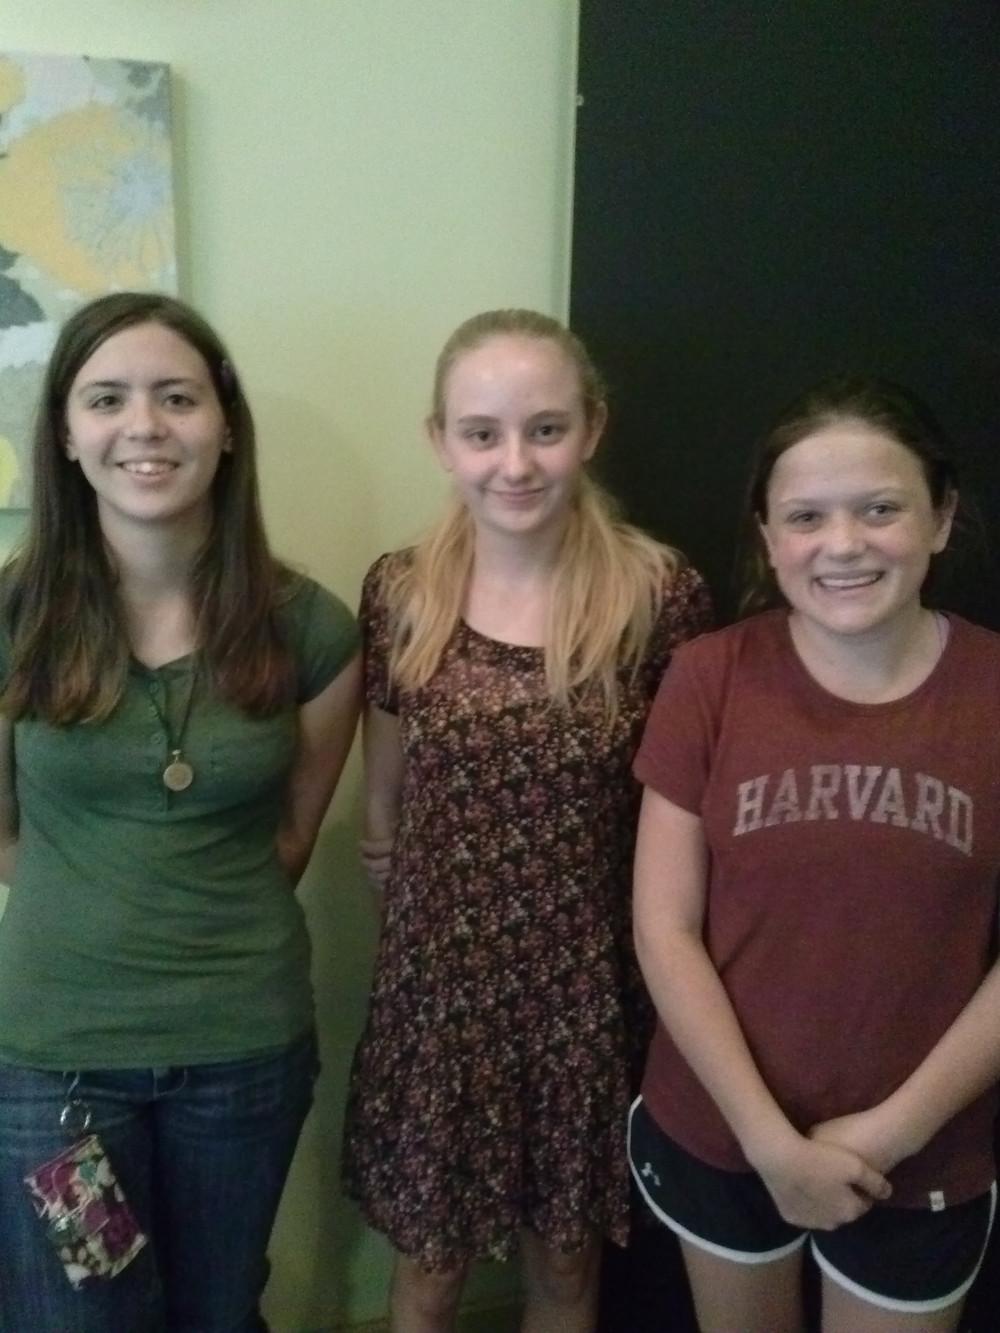 Kayleigh, Hannah, Gillian